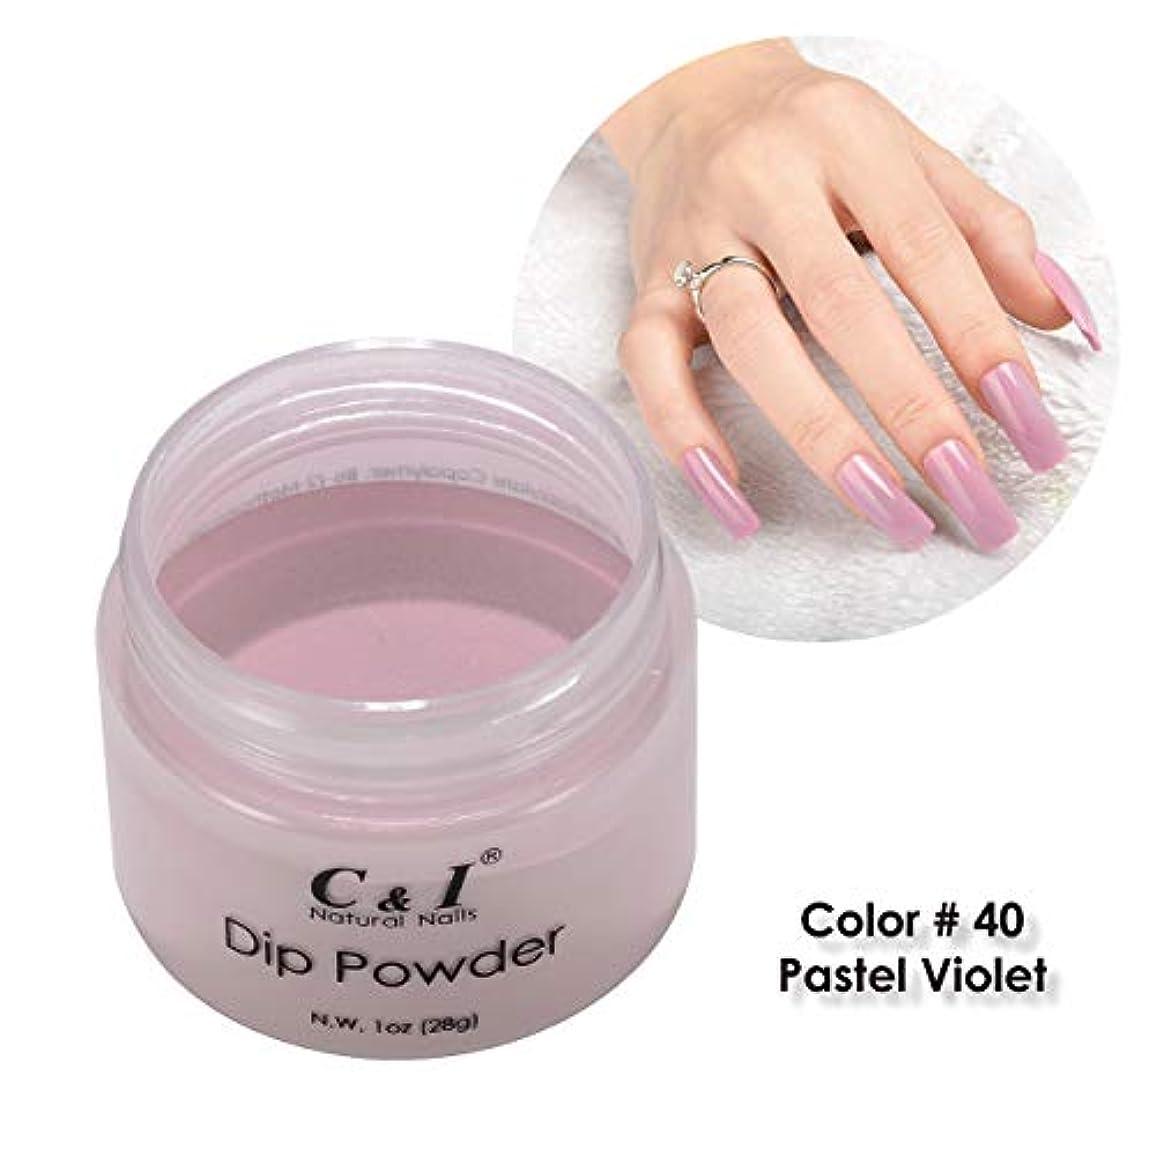 以下エゴイズム通行料金C&I Dip Powder ネイルディップパウダー、ネイルカラーパウダー、カラーNo.40